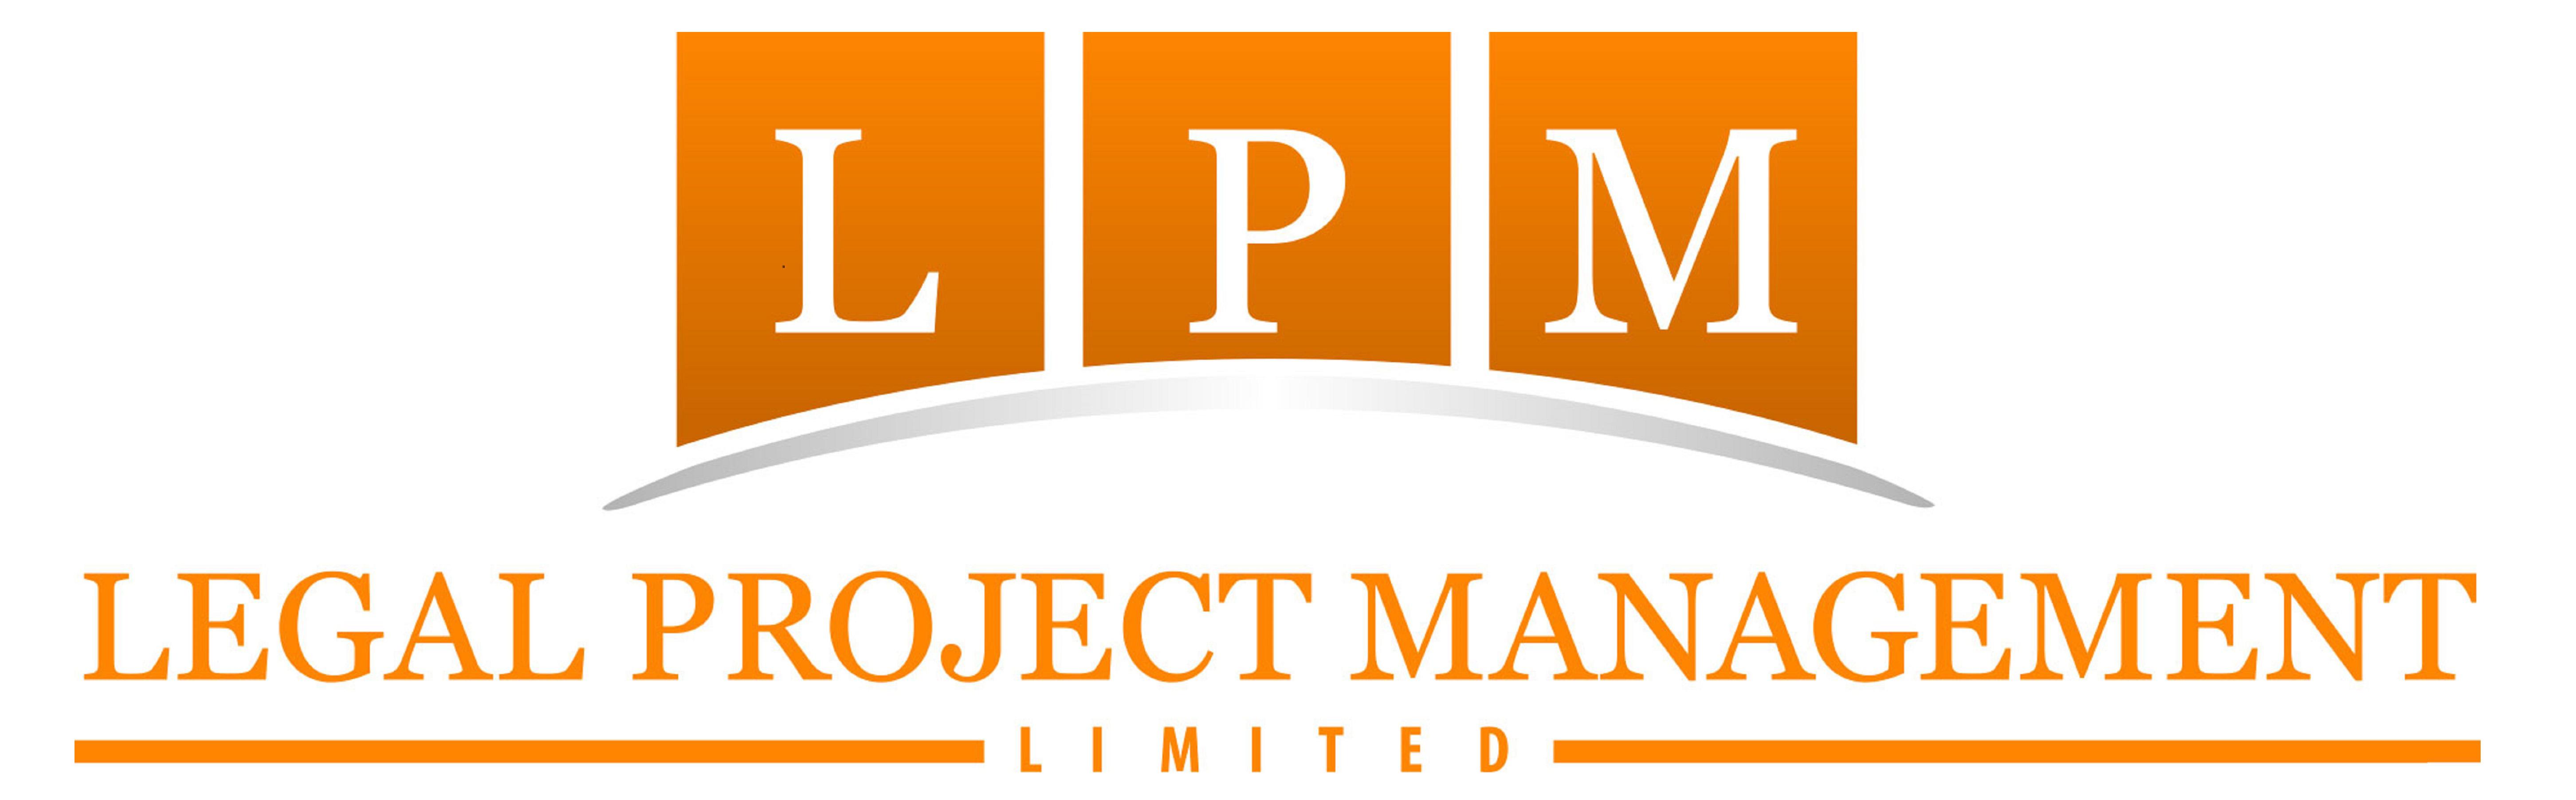 08 LPM Ltd